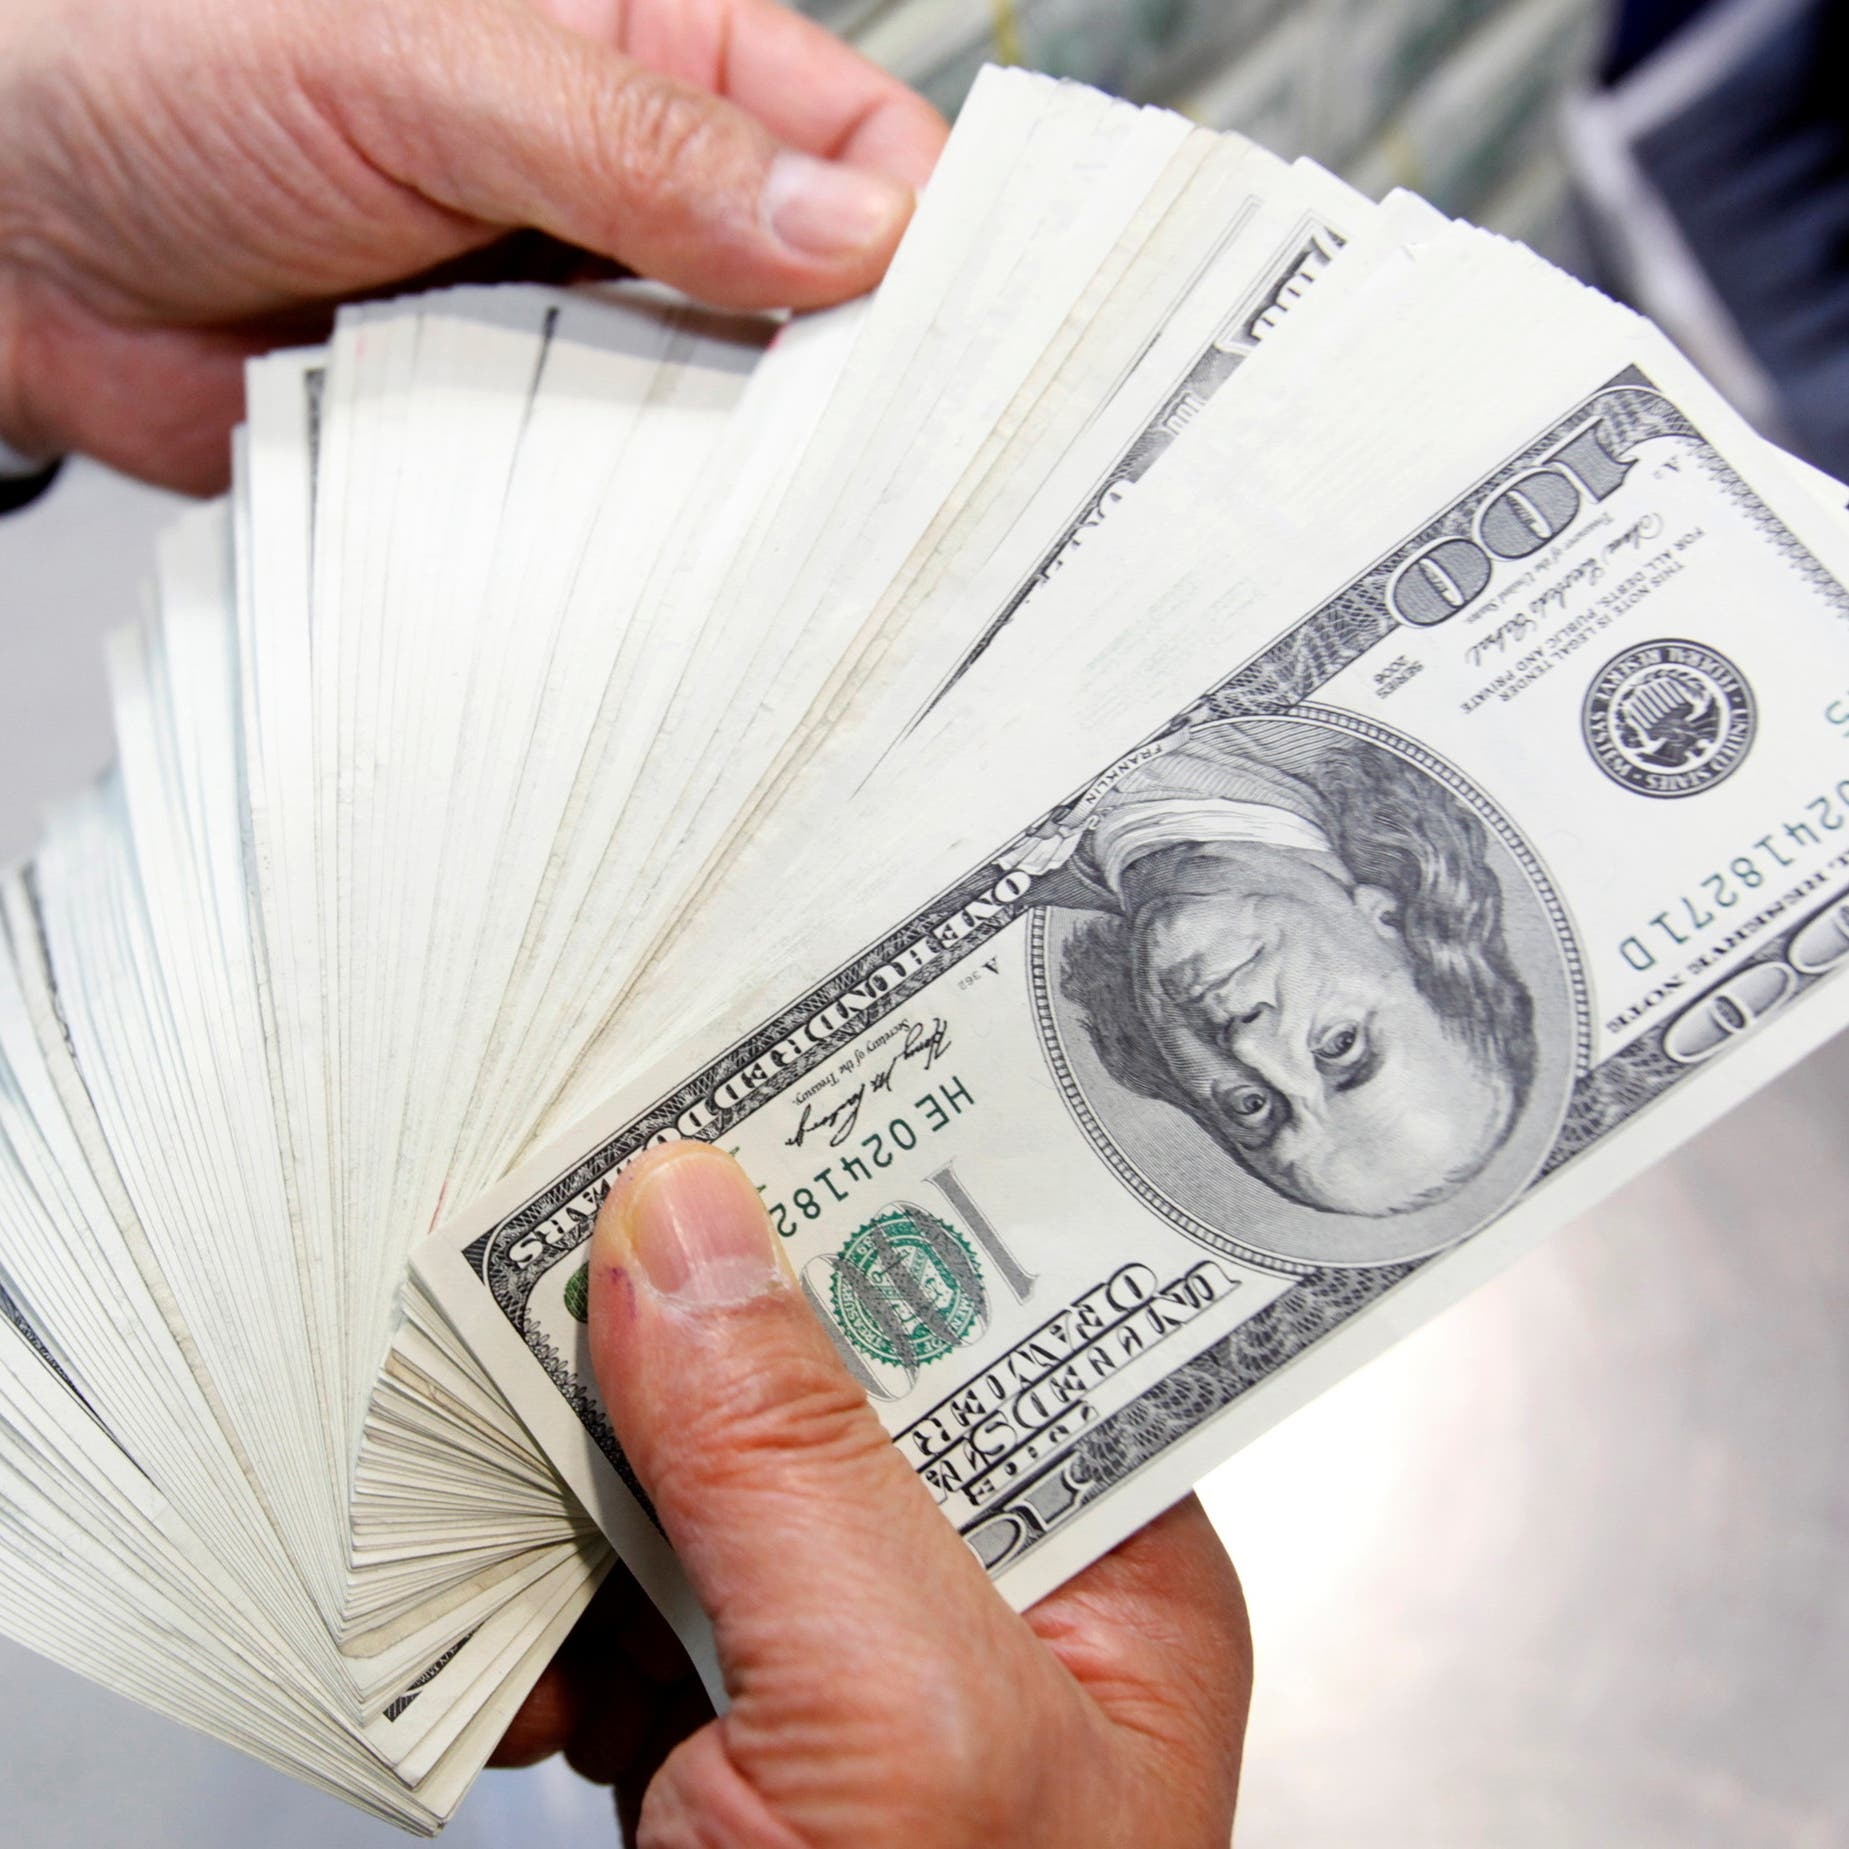 الدولار قرب قاع شهر متجهاً صوب أسوأ أداء أسبوعي منذ مايو